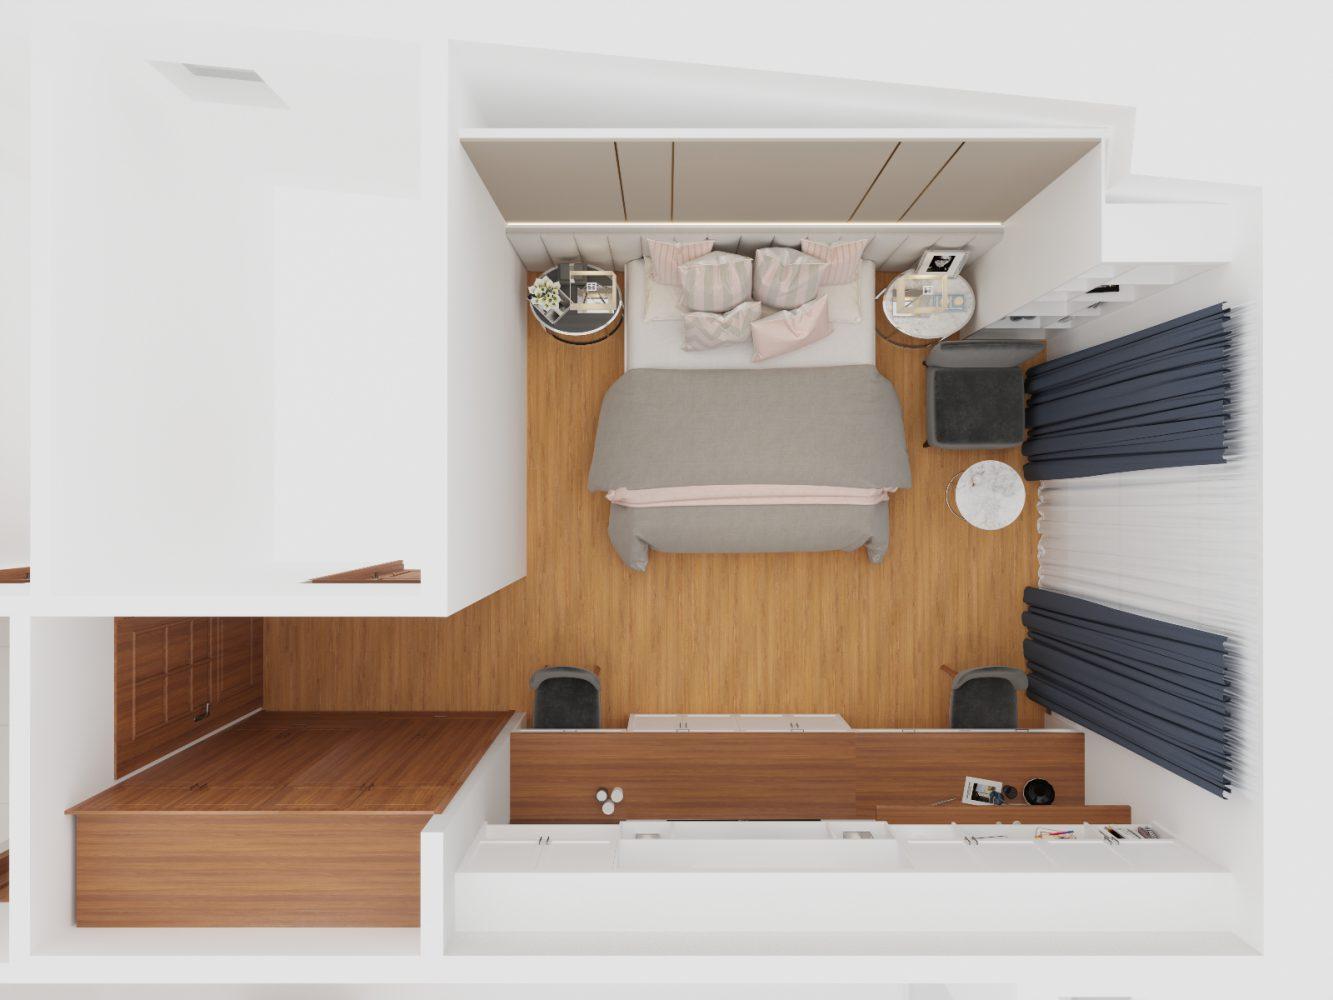 Thiết kế nội thất căn hộ 3 phòng ngủ - 07